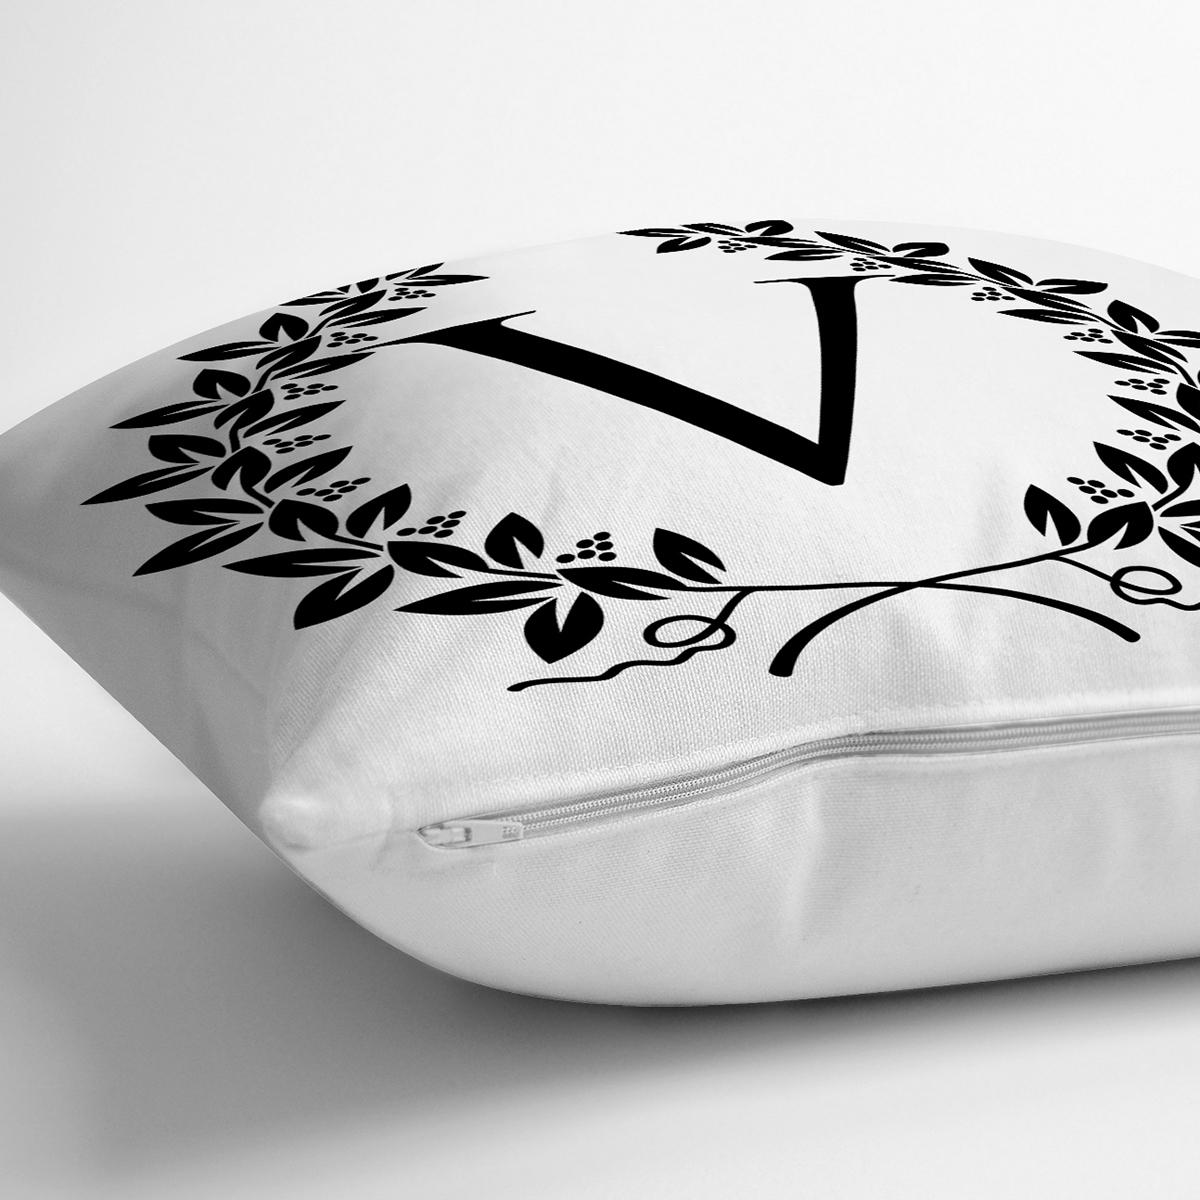 Siyah Beyaz Çelenkli V Harfi Özel Tasarım Dijital Baskılı Yastık Kırlent Kılıfı Realhomes